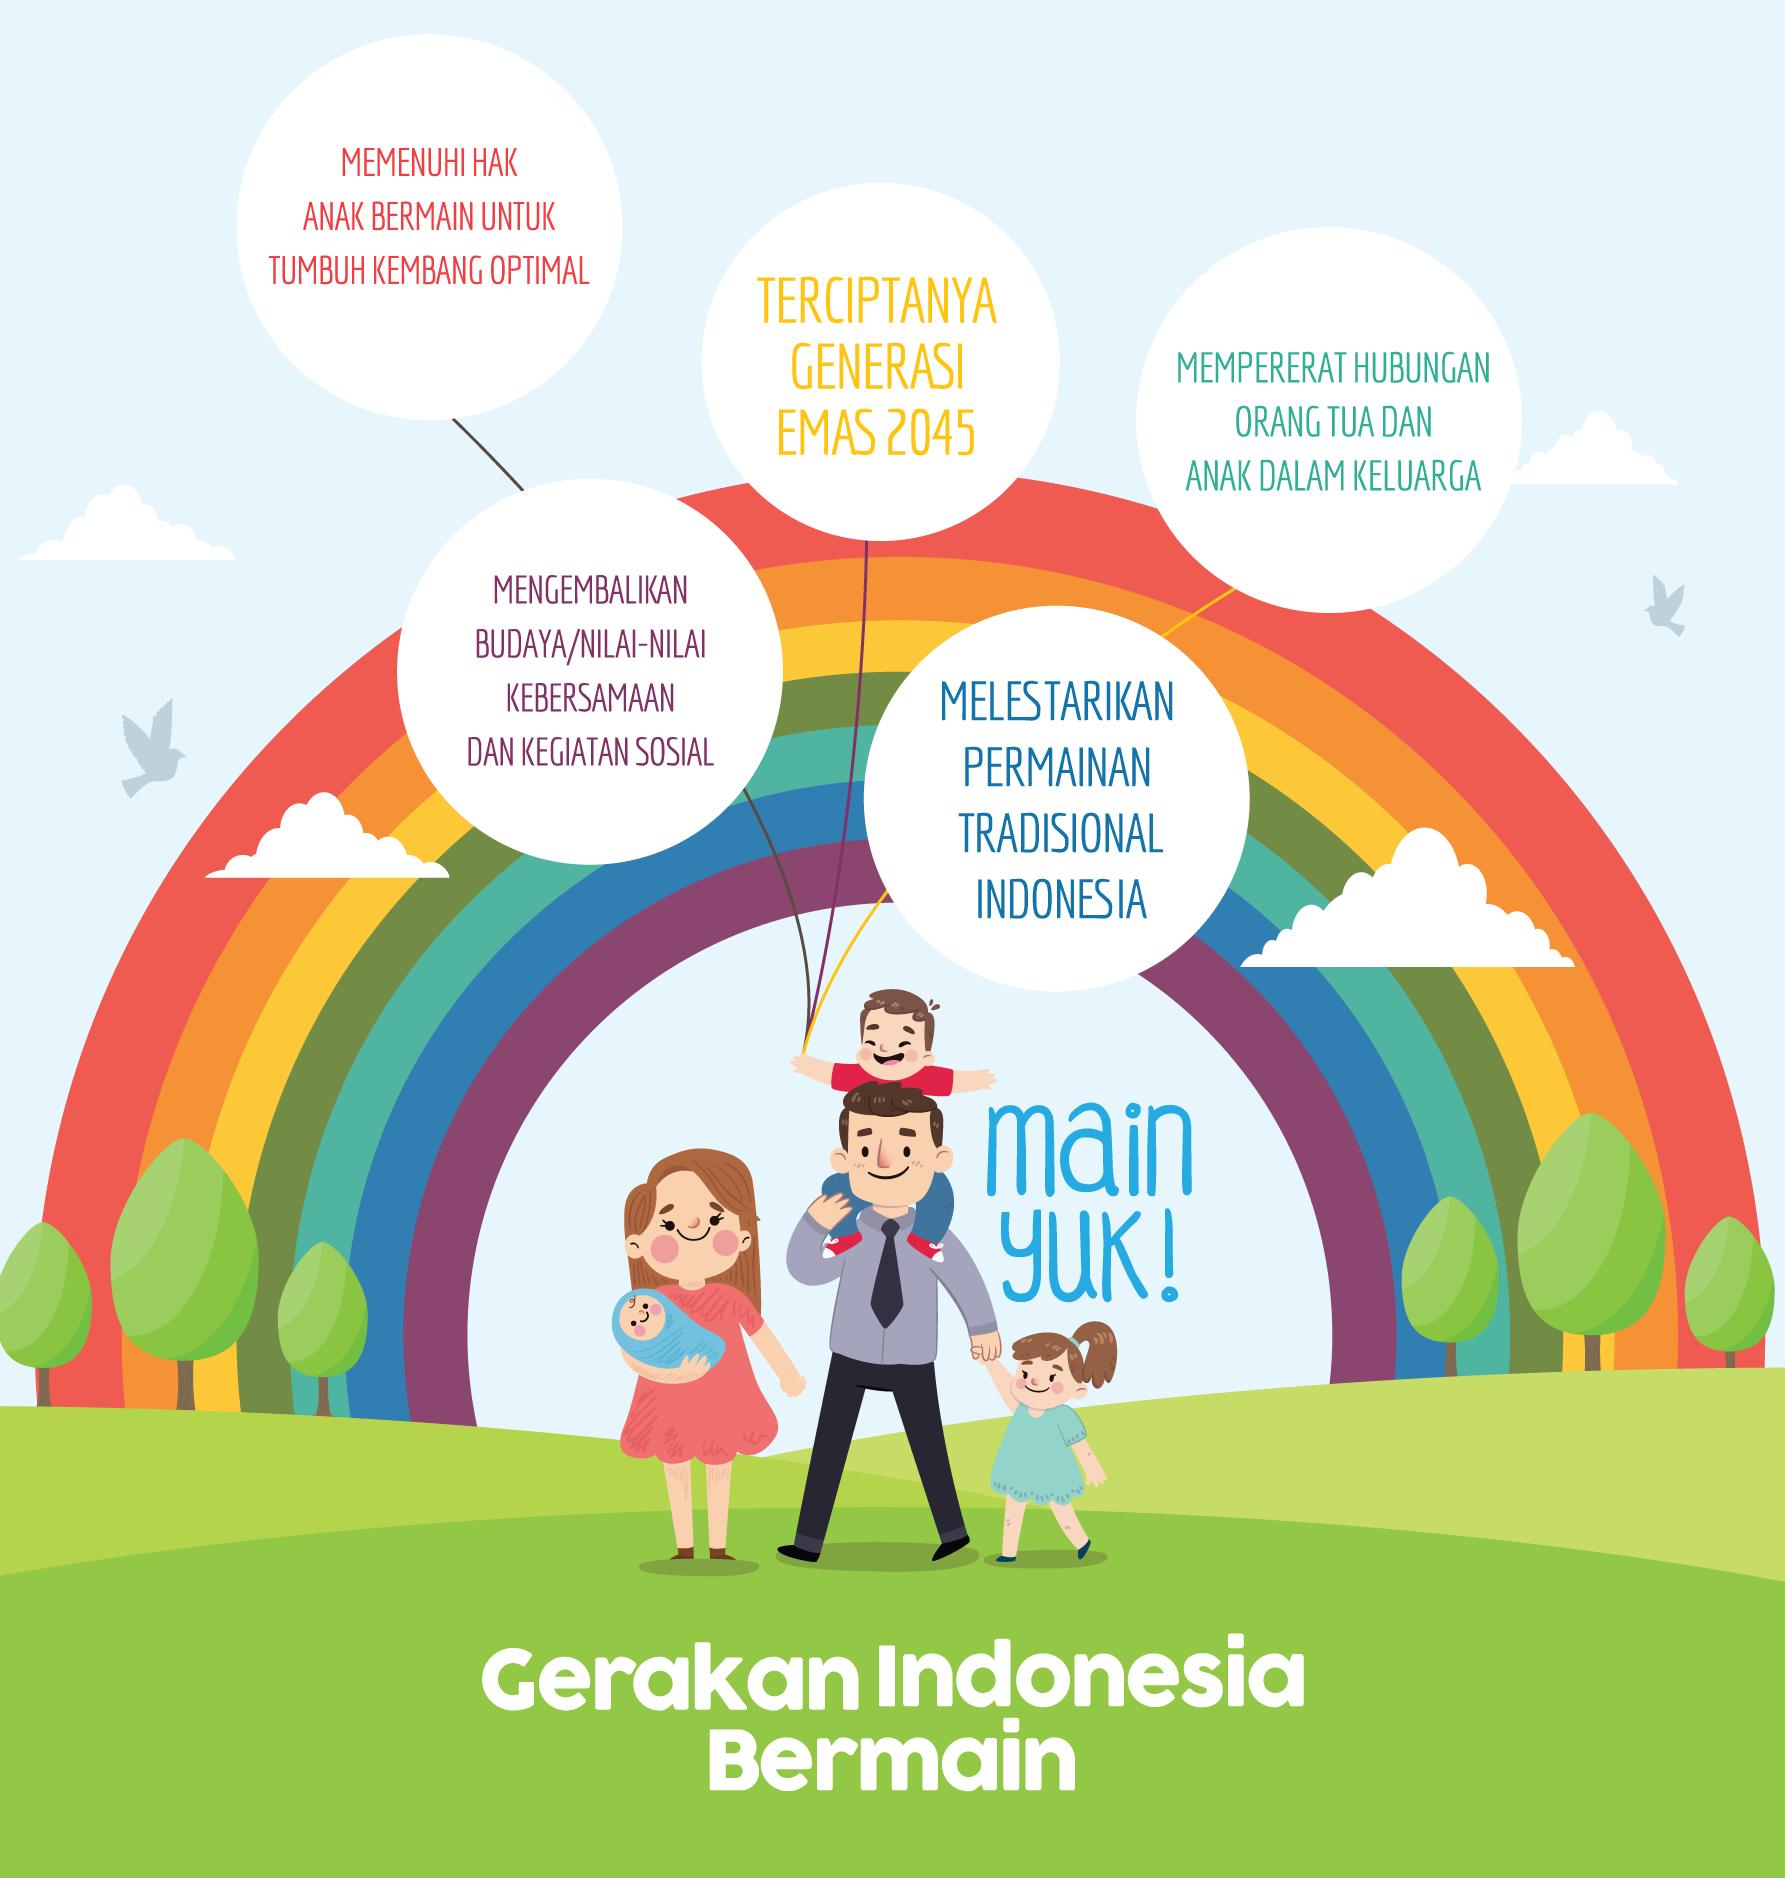 Gerakan Indonesia Bermain